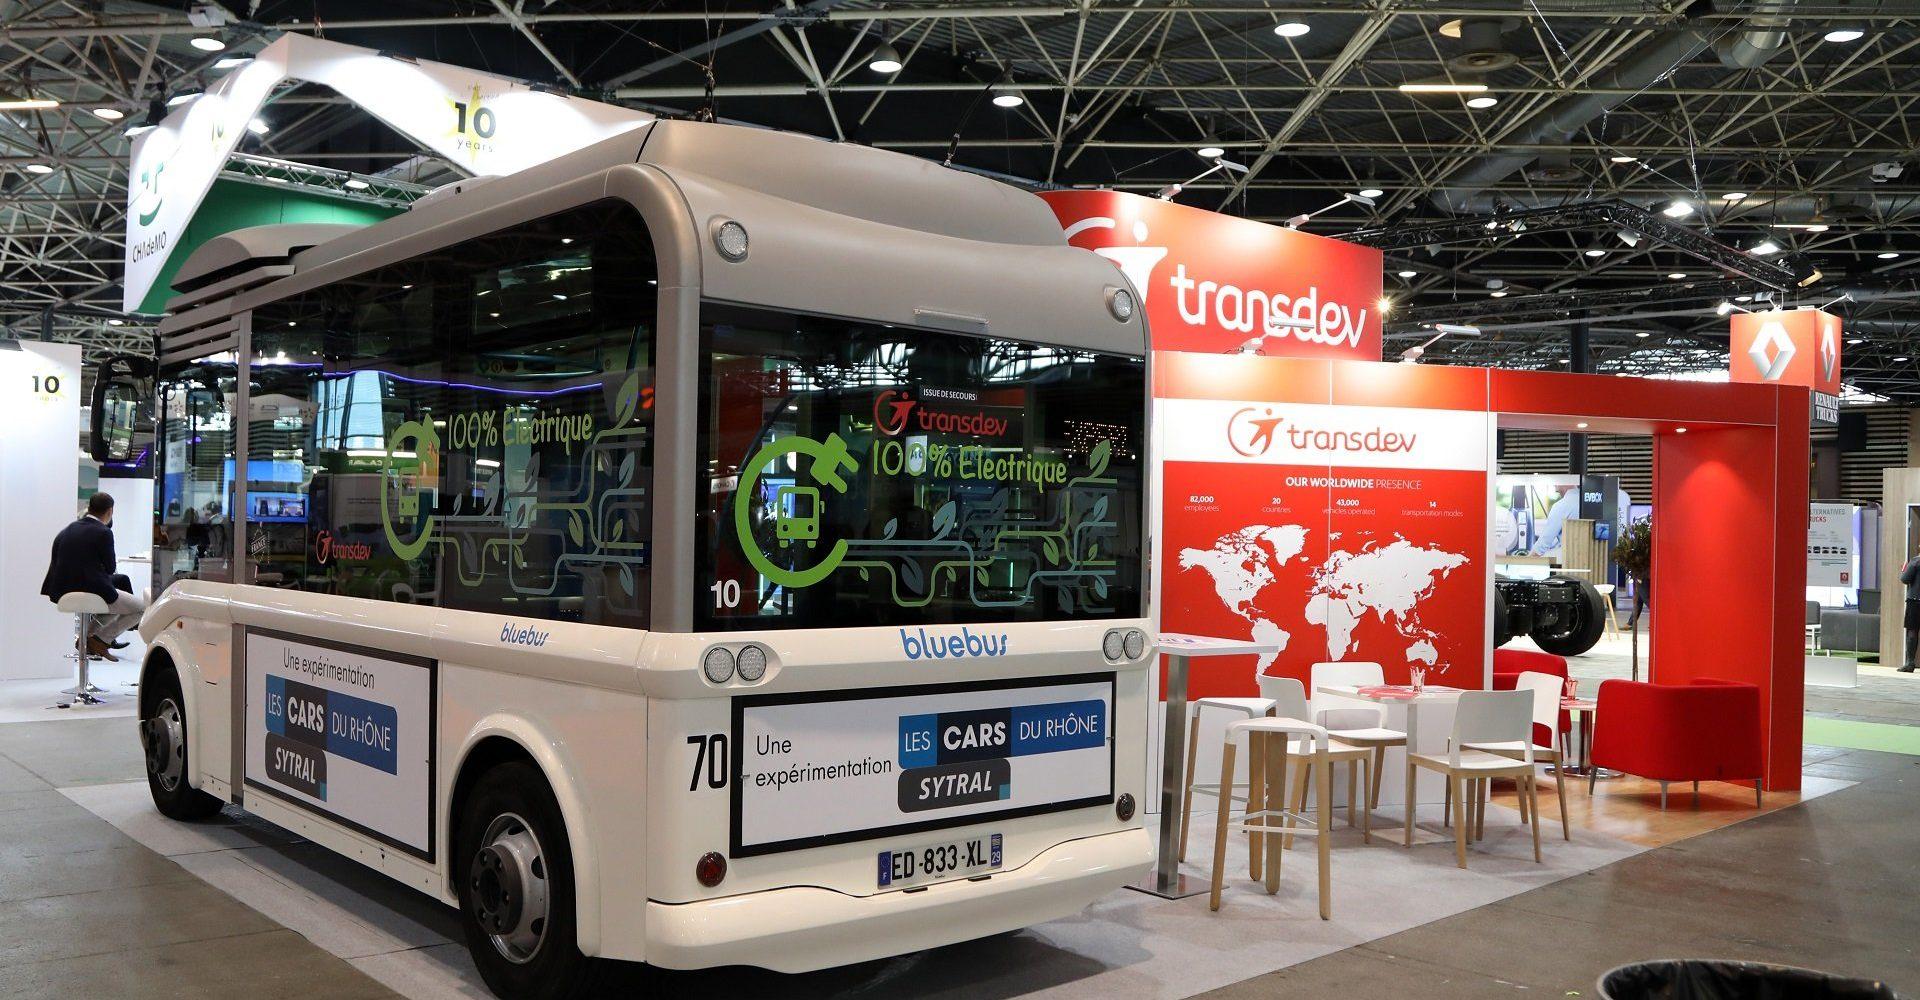 Transdev mobility company stand salon EVS Lyon navette bolloré bluebus mobilité propre électrique